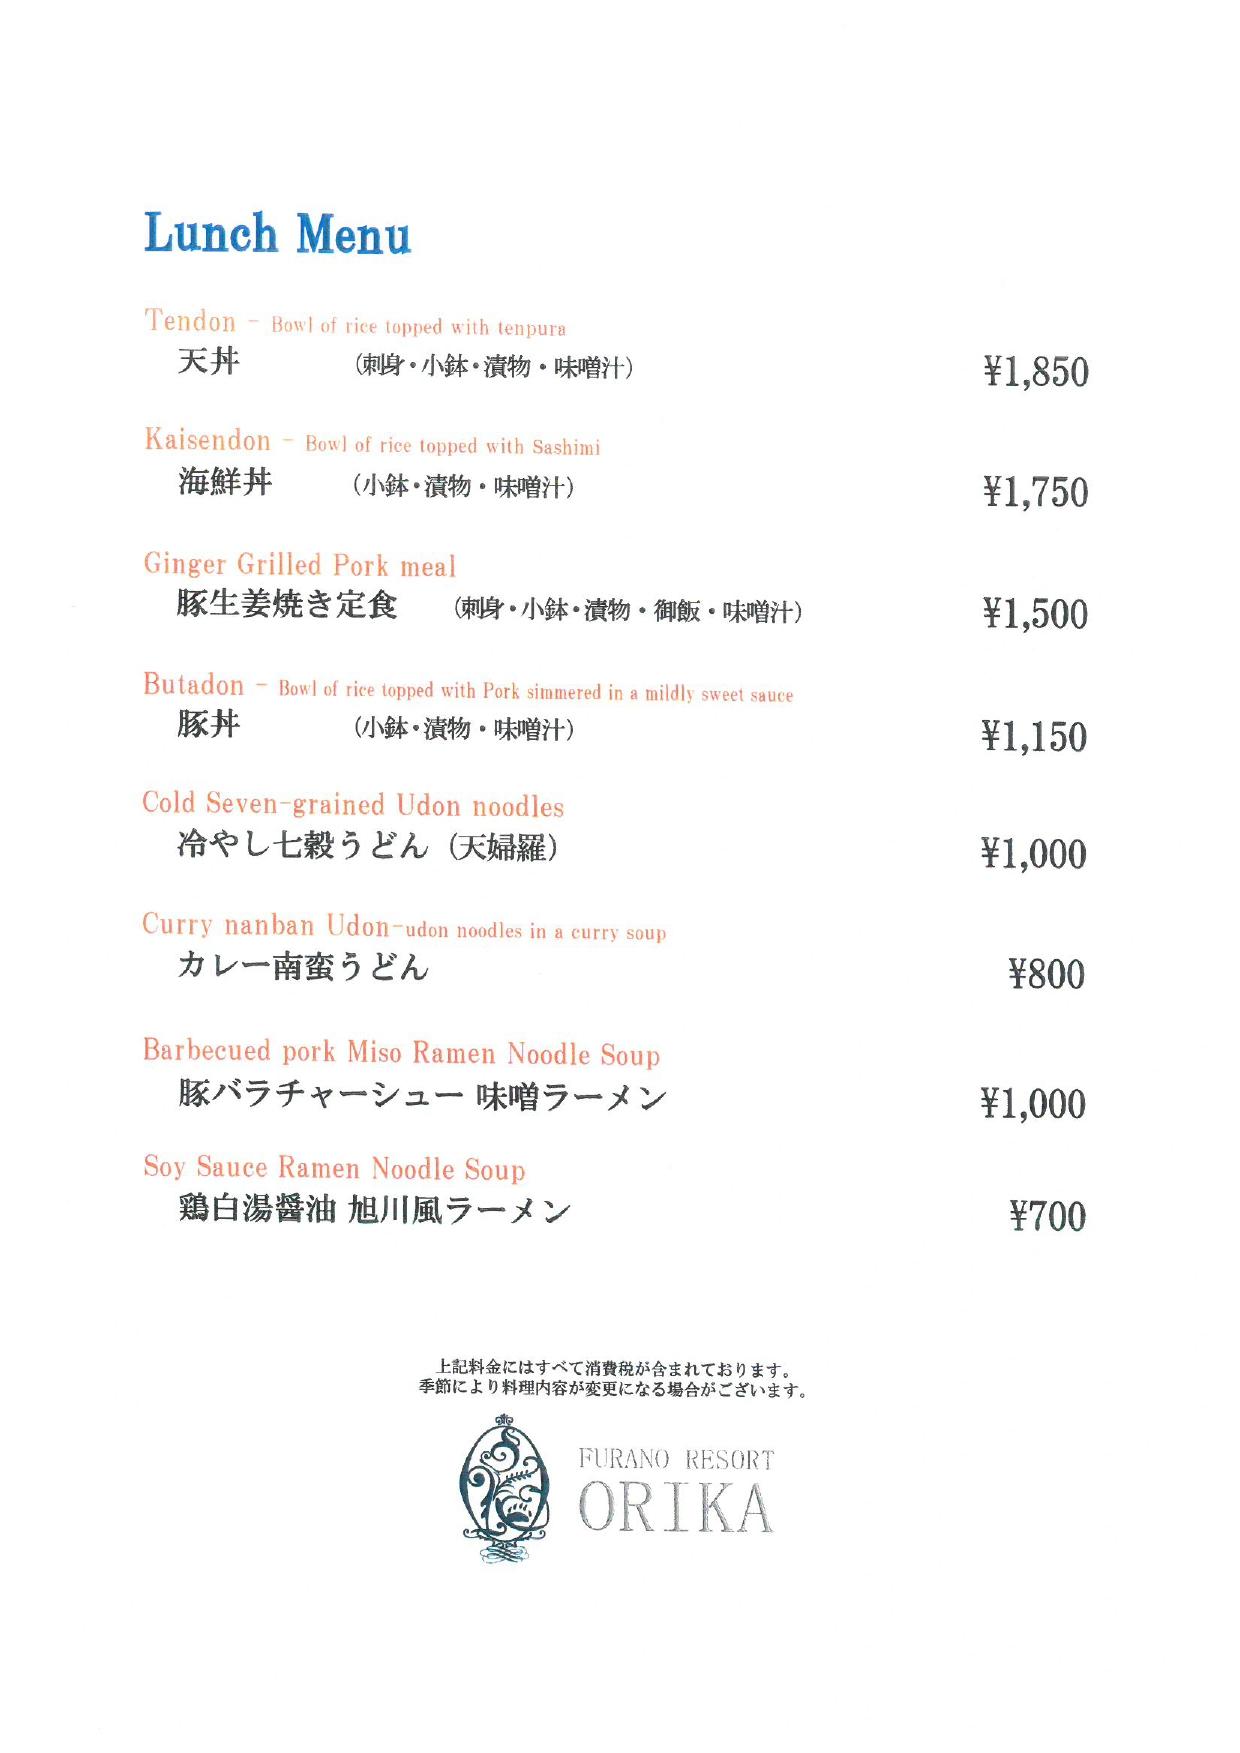 2020レストランORIKA 昼食メニュー(2/4)